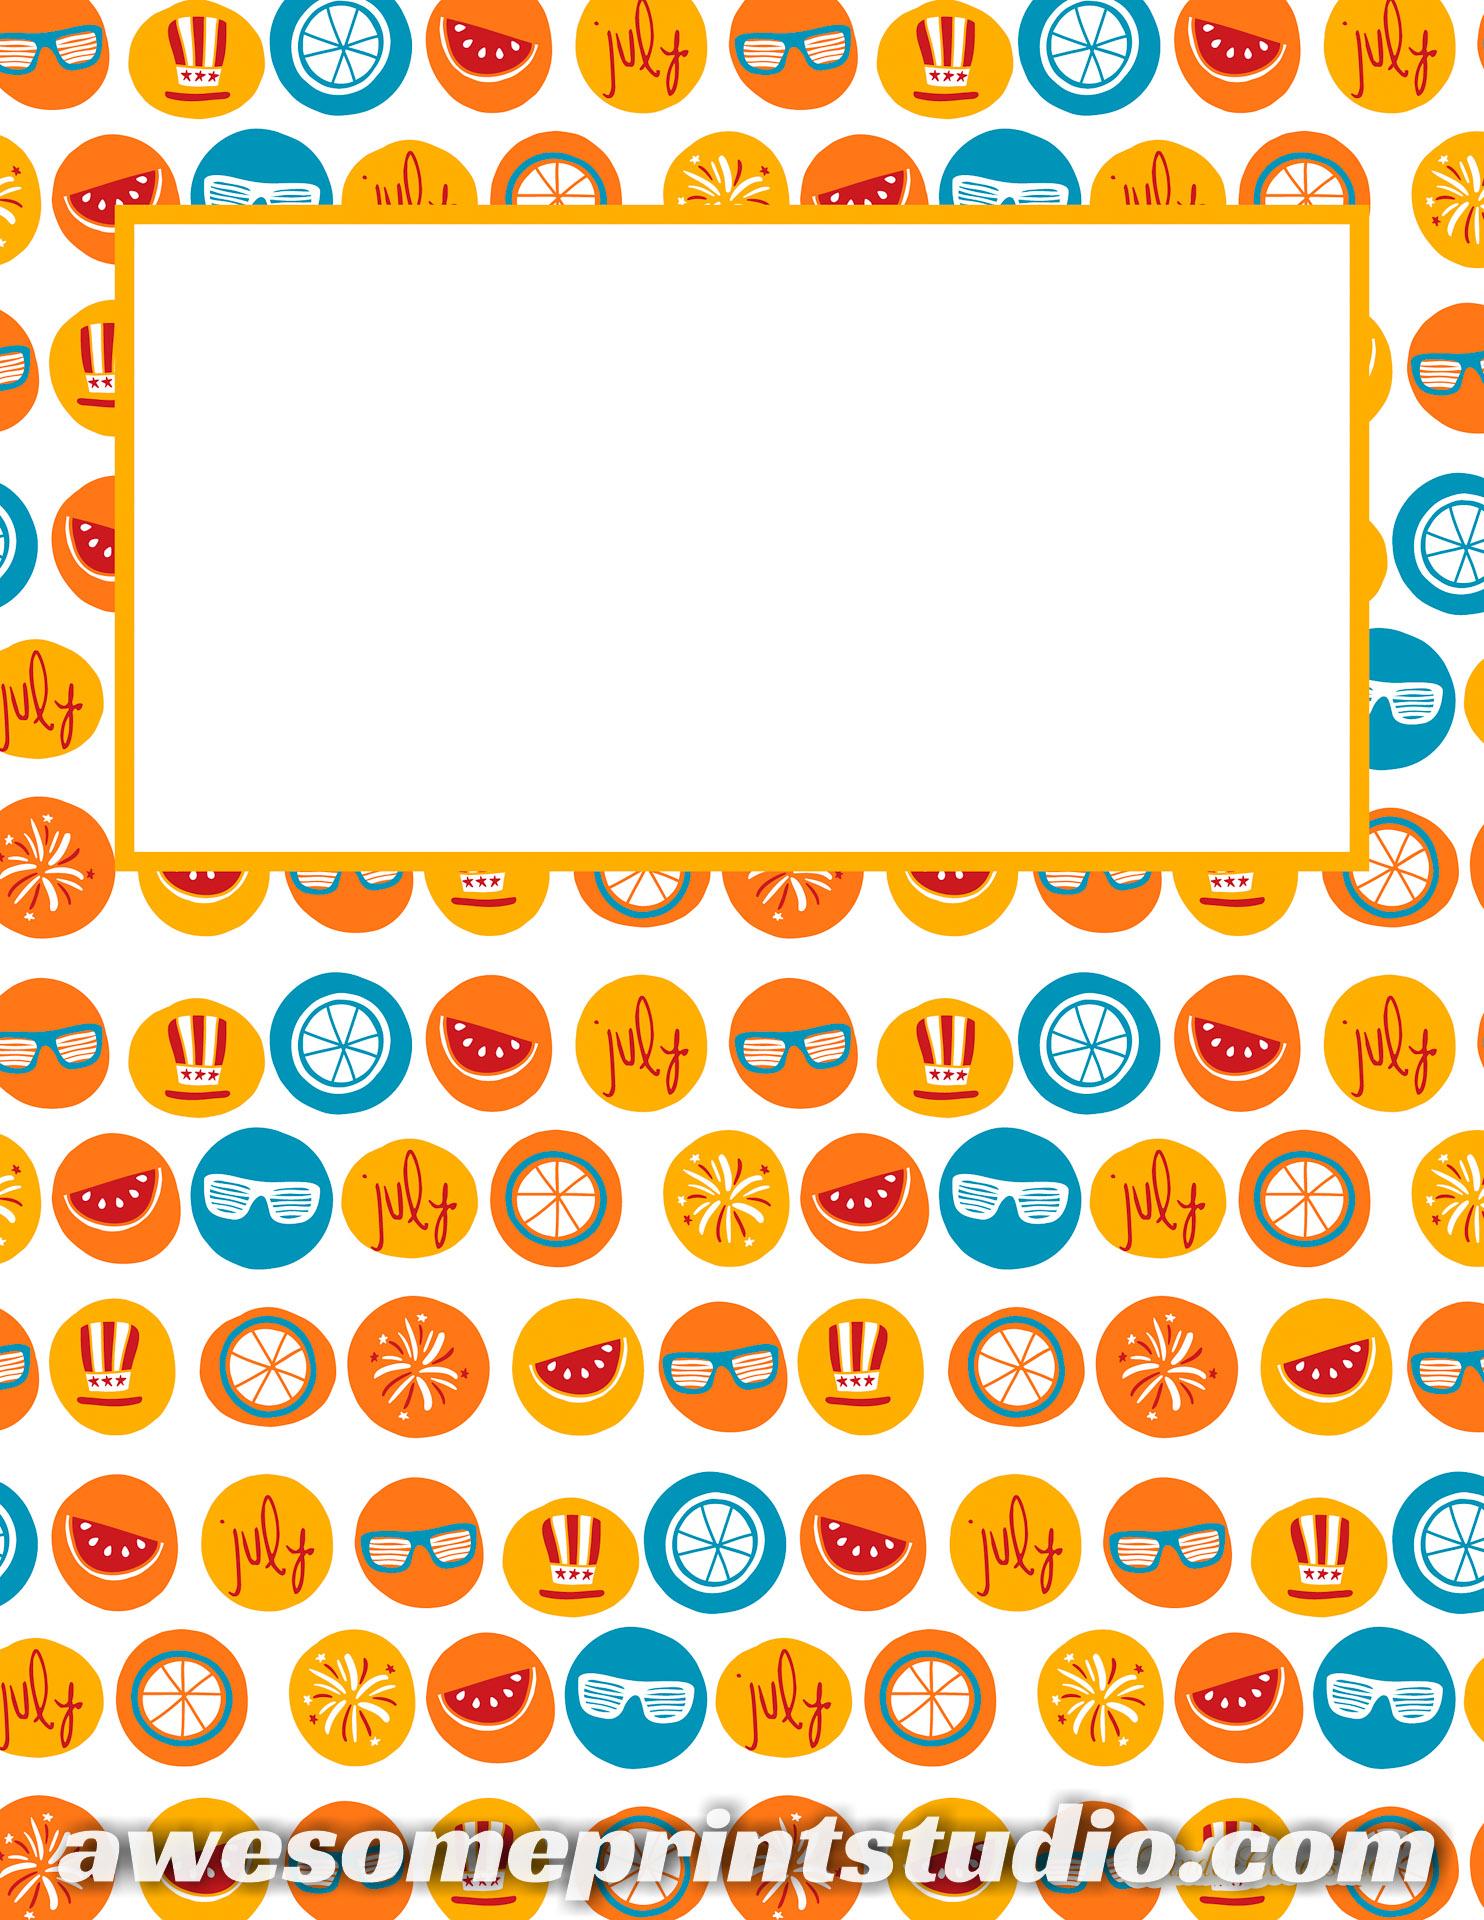 Цветные лабиринты для детей. Скачать или распечатать лабиринты | 1920x1484